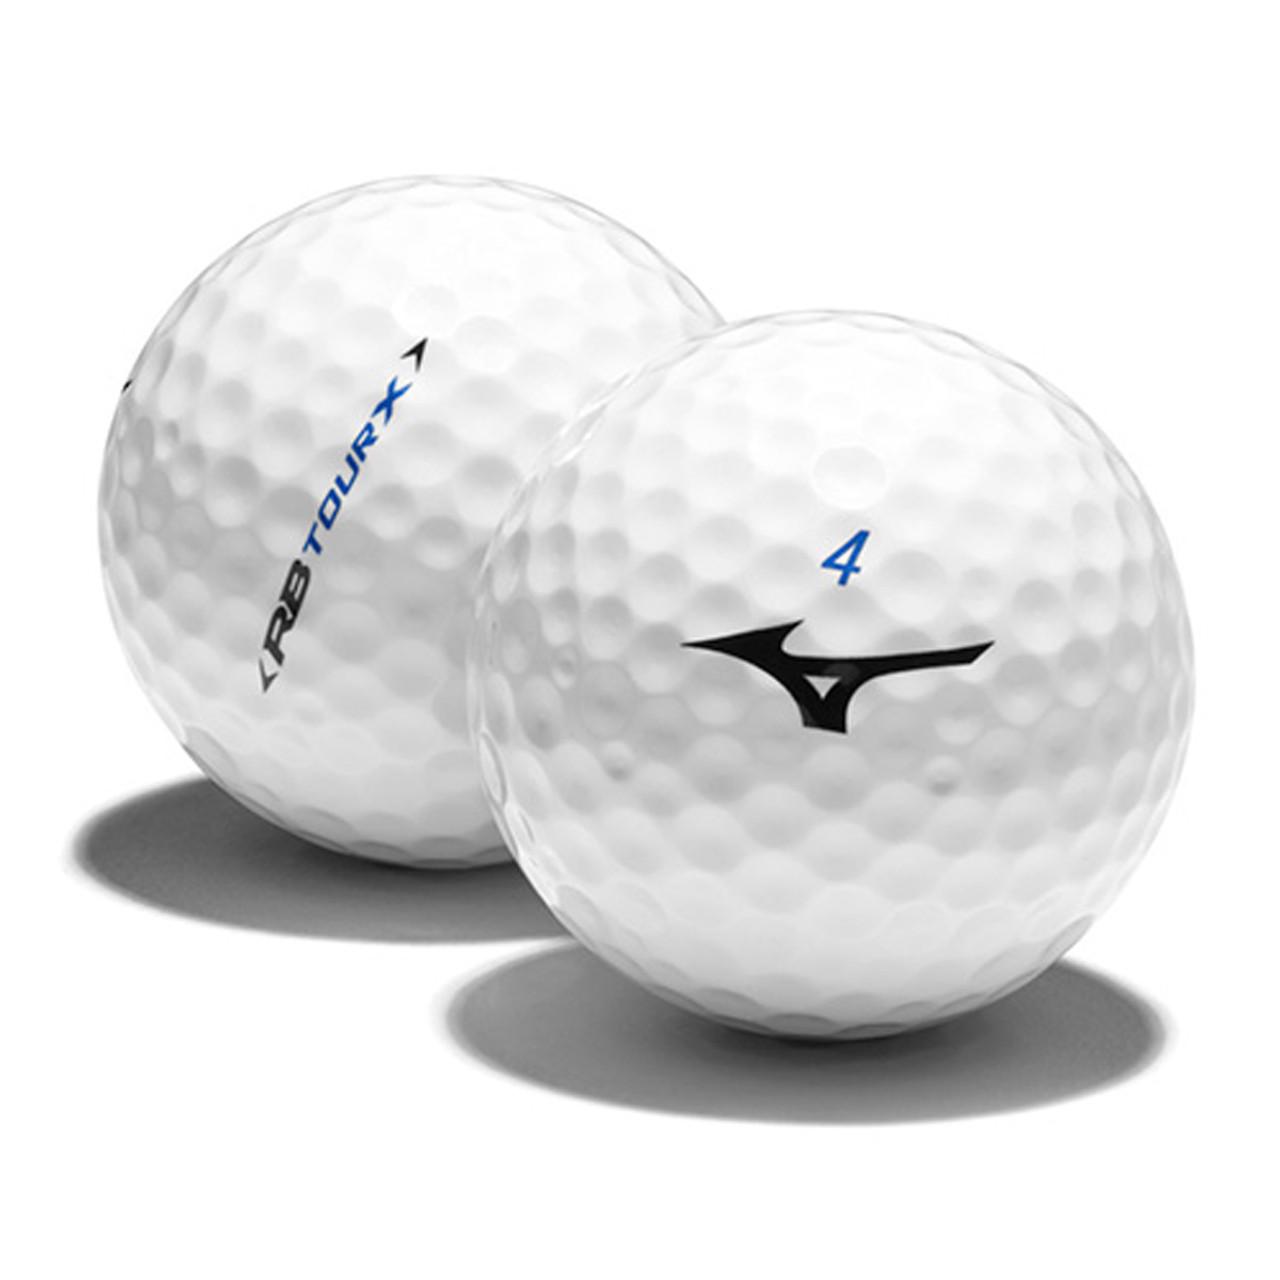 Mizuno RB Tour X Dozen Golf Balls